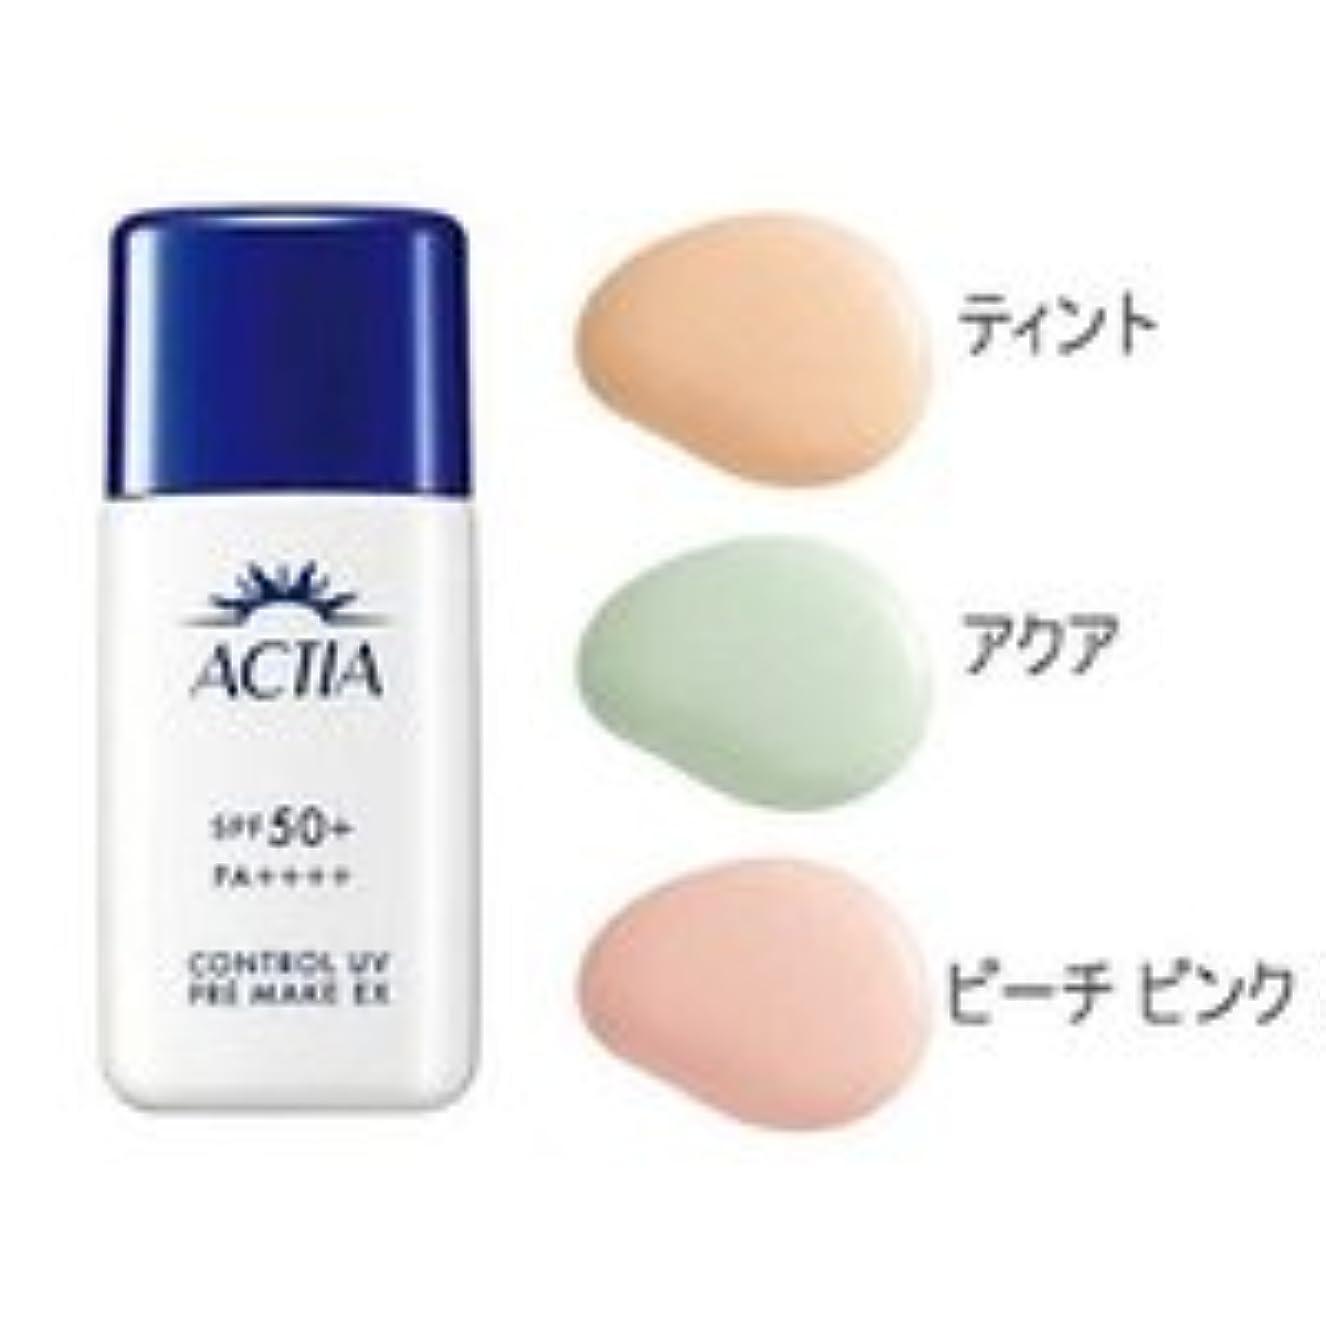 レイアウトコーラス間違えたエイボン (AVON) アクティア コントロール UV プレメイク EX 30ml (アクア)